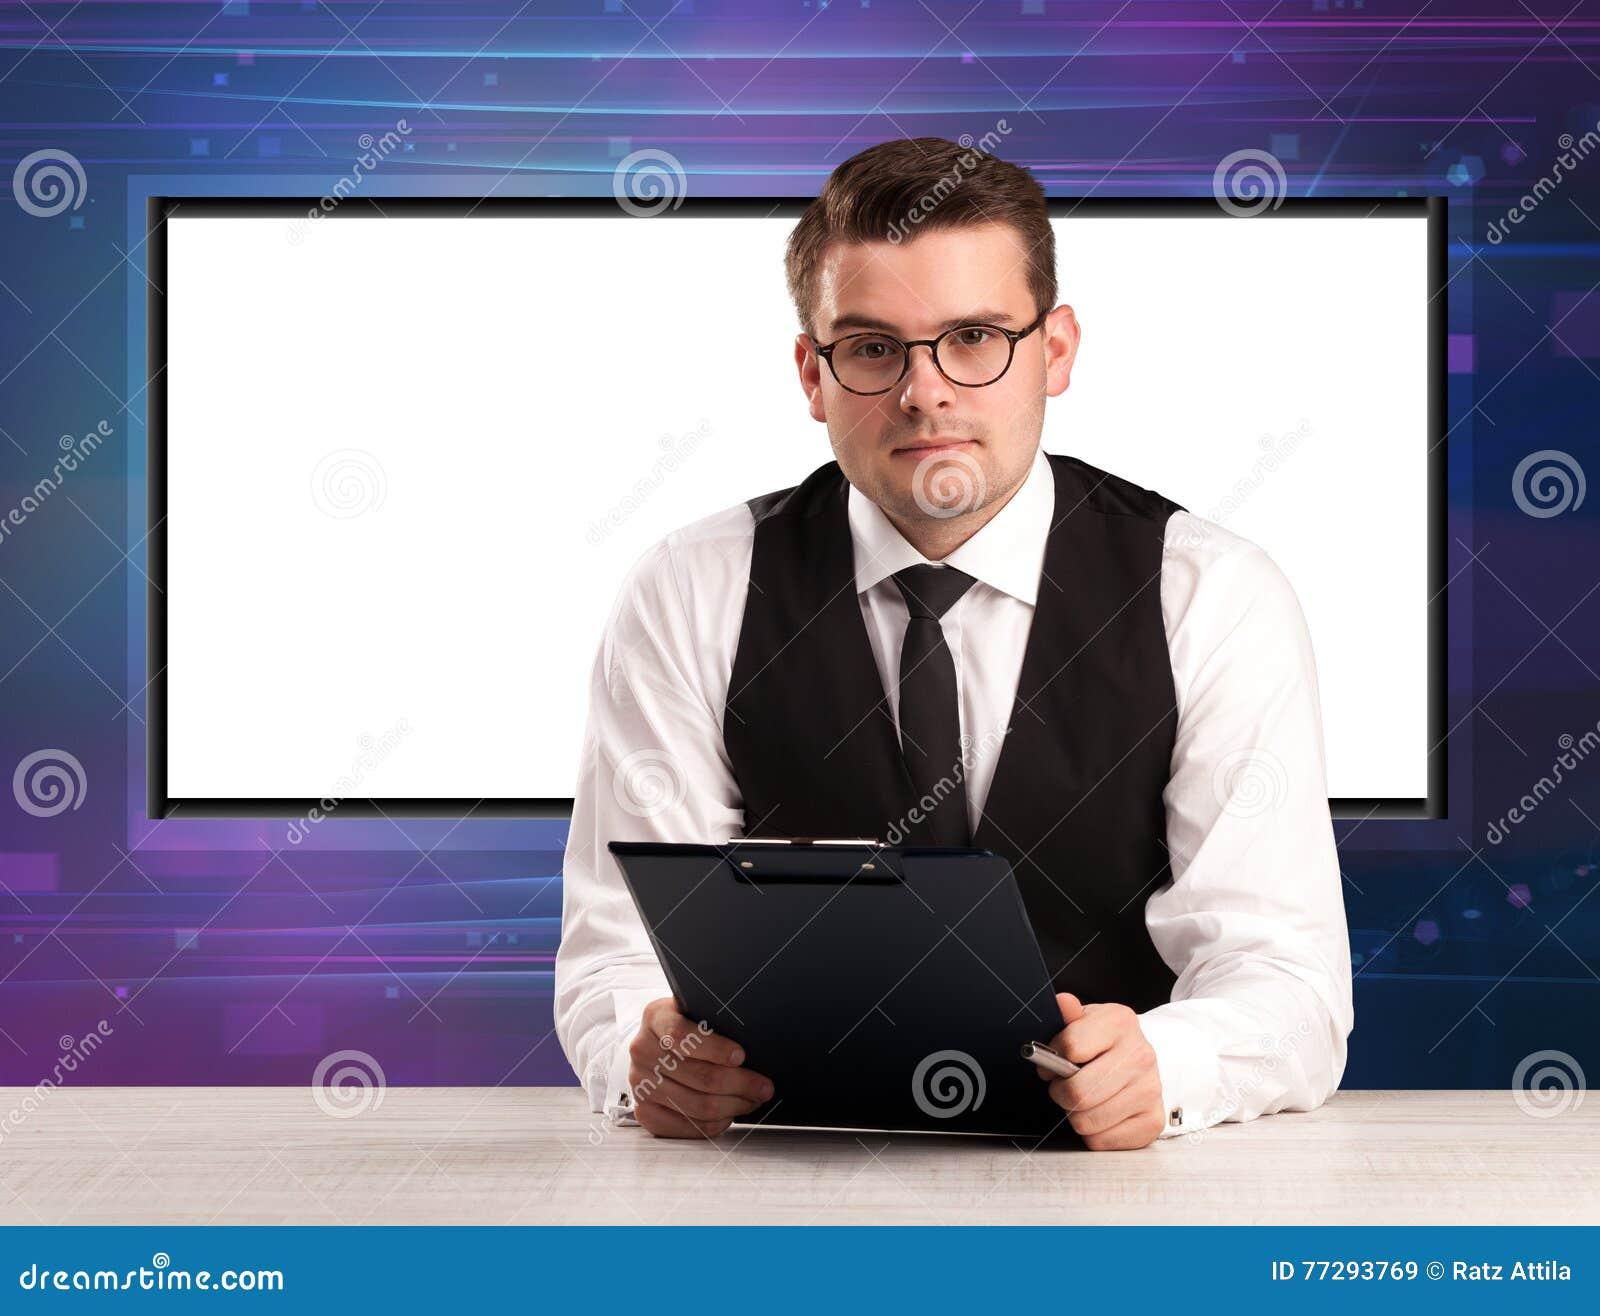 Anfitrião do programa de televisão com a tela grande da cópia no seu para trás